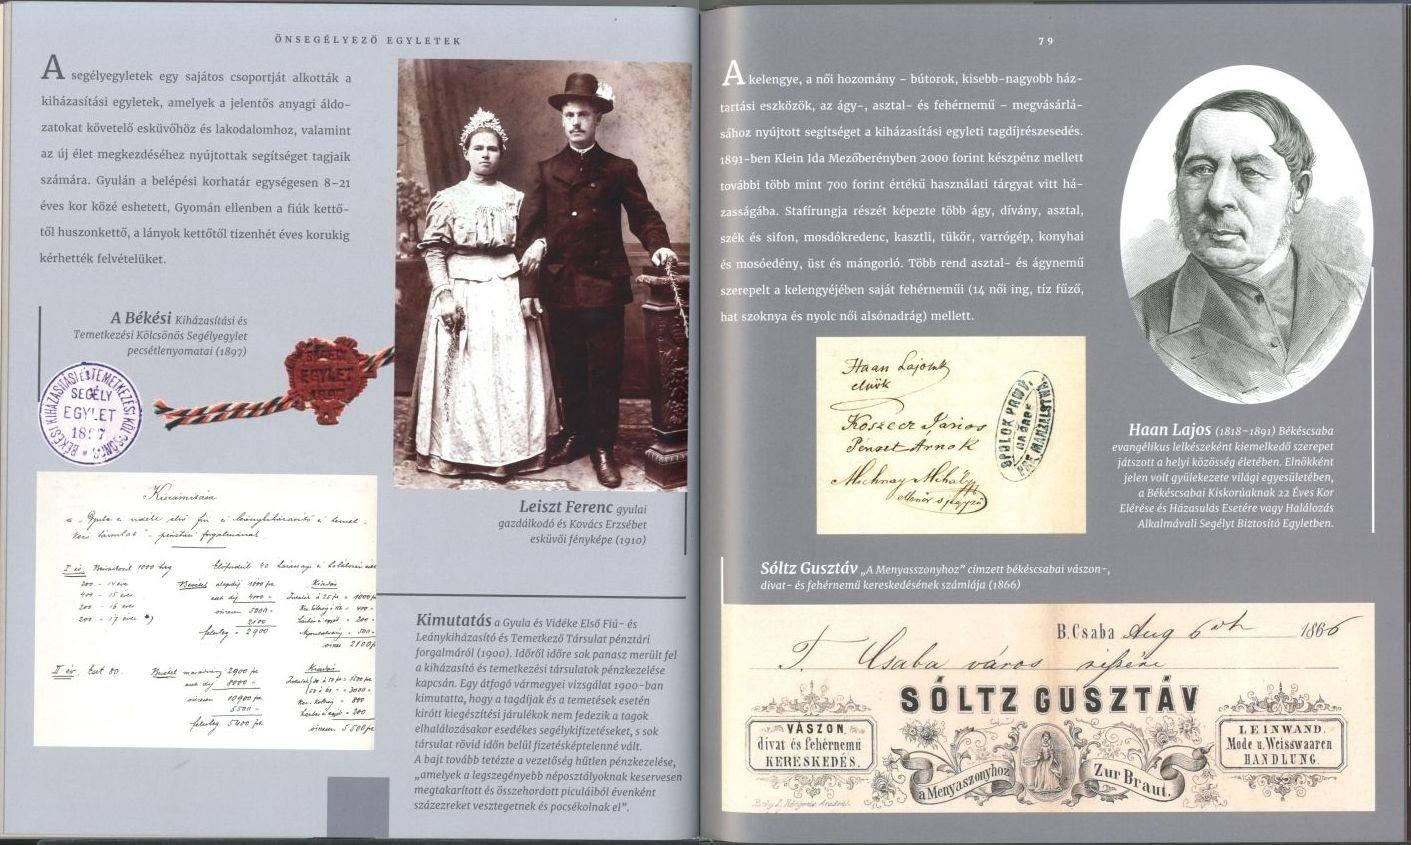 A naplók történelmi értéke és Harruckern is terítékre került szeptemberben